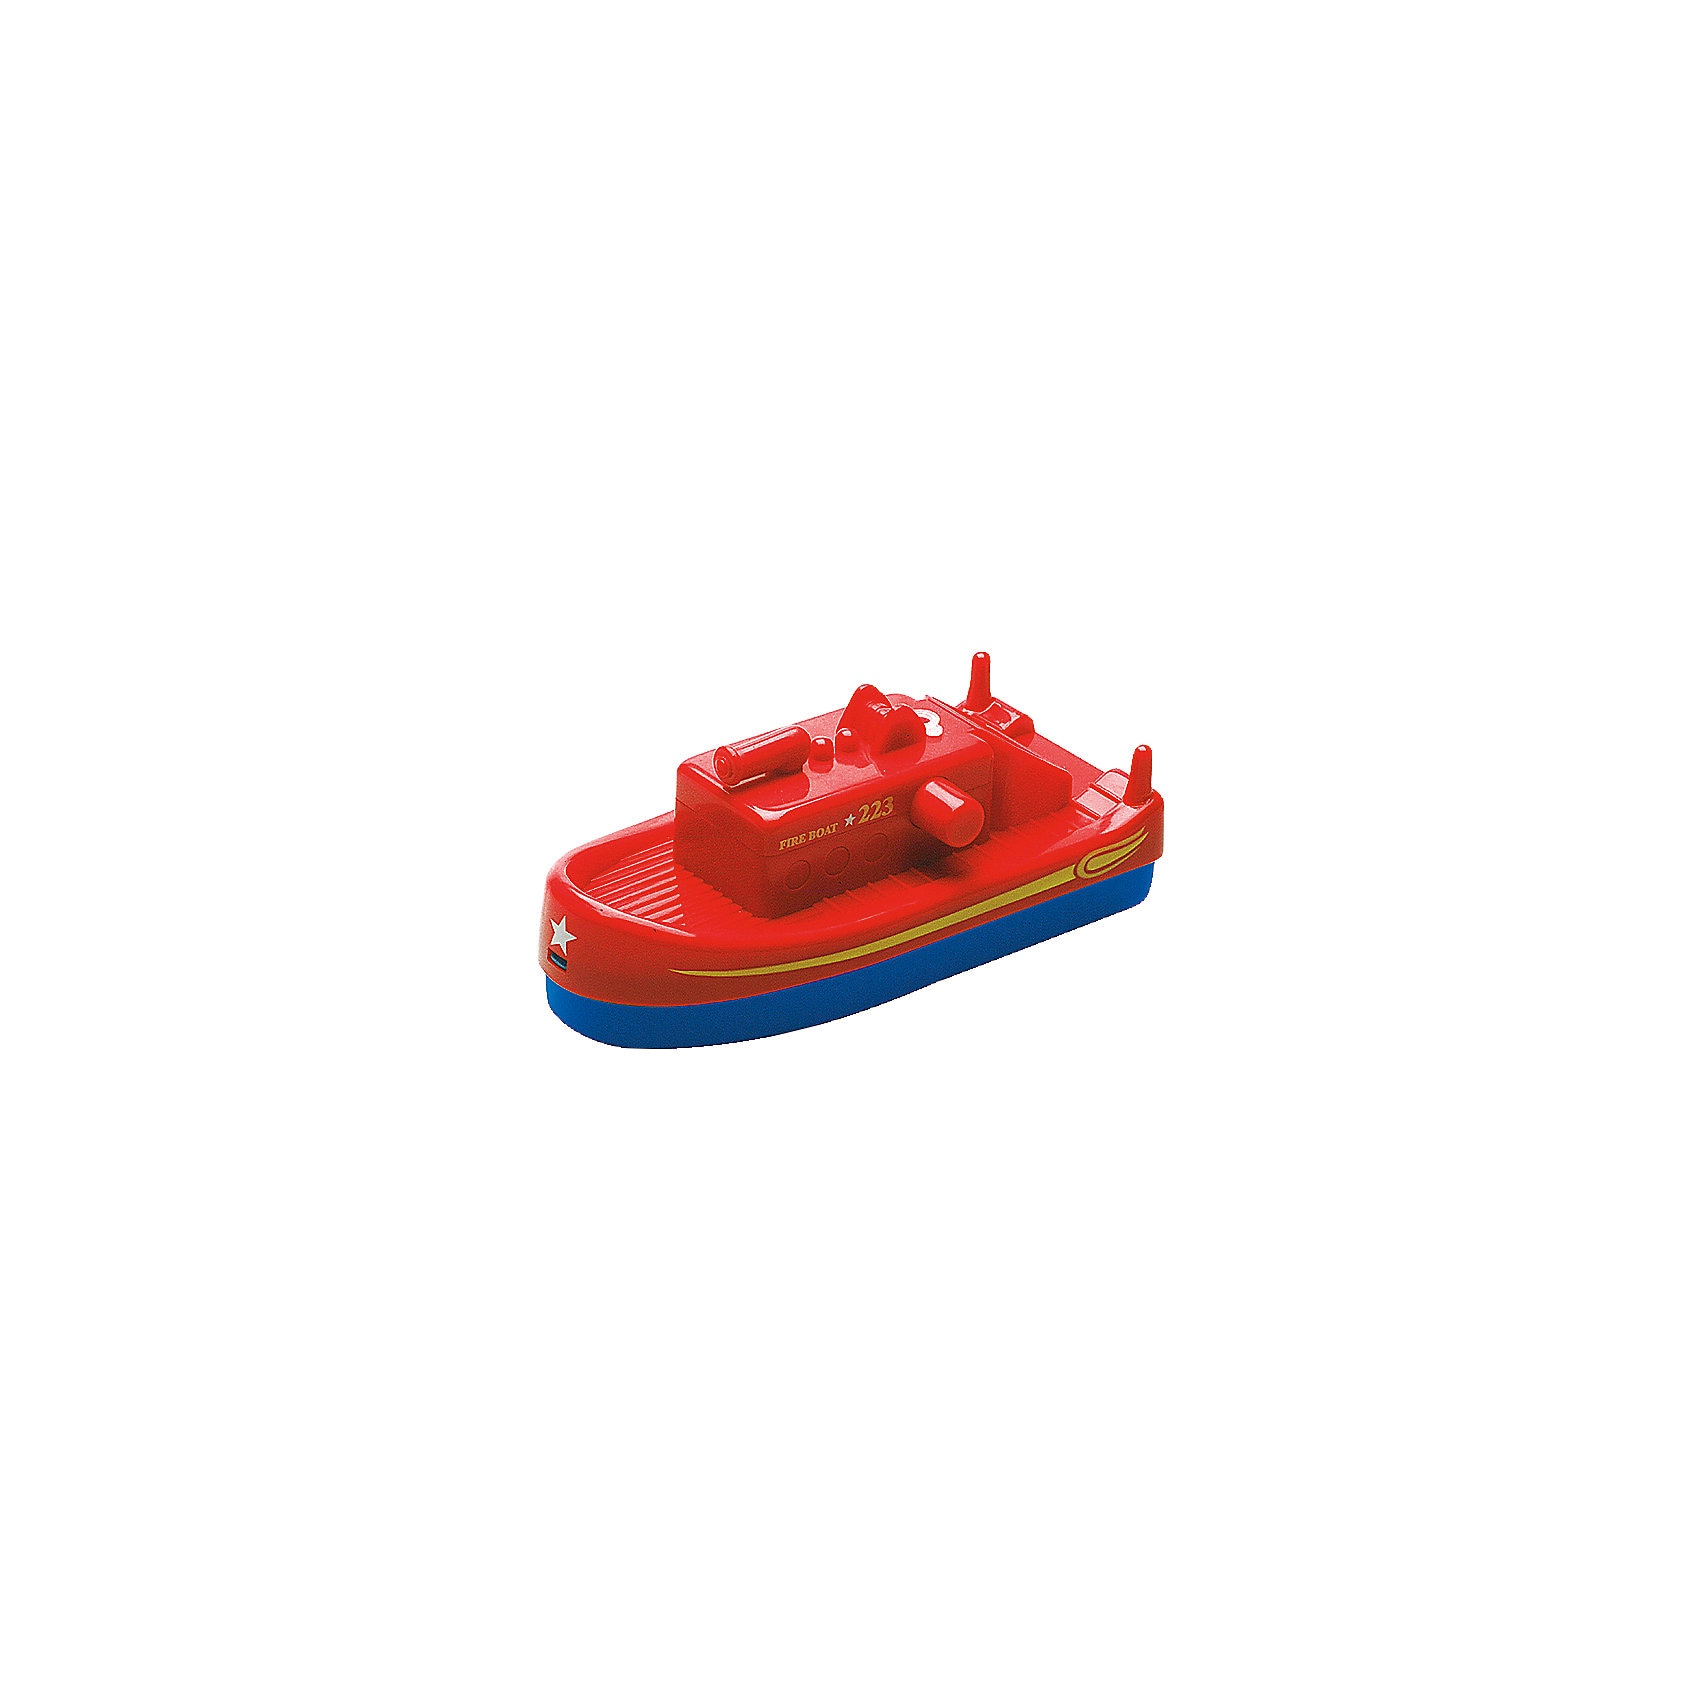 Aquaplay Feuerwehrboot